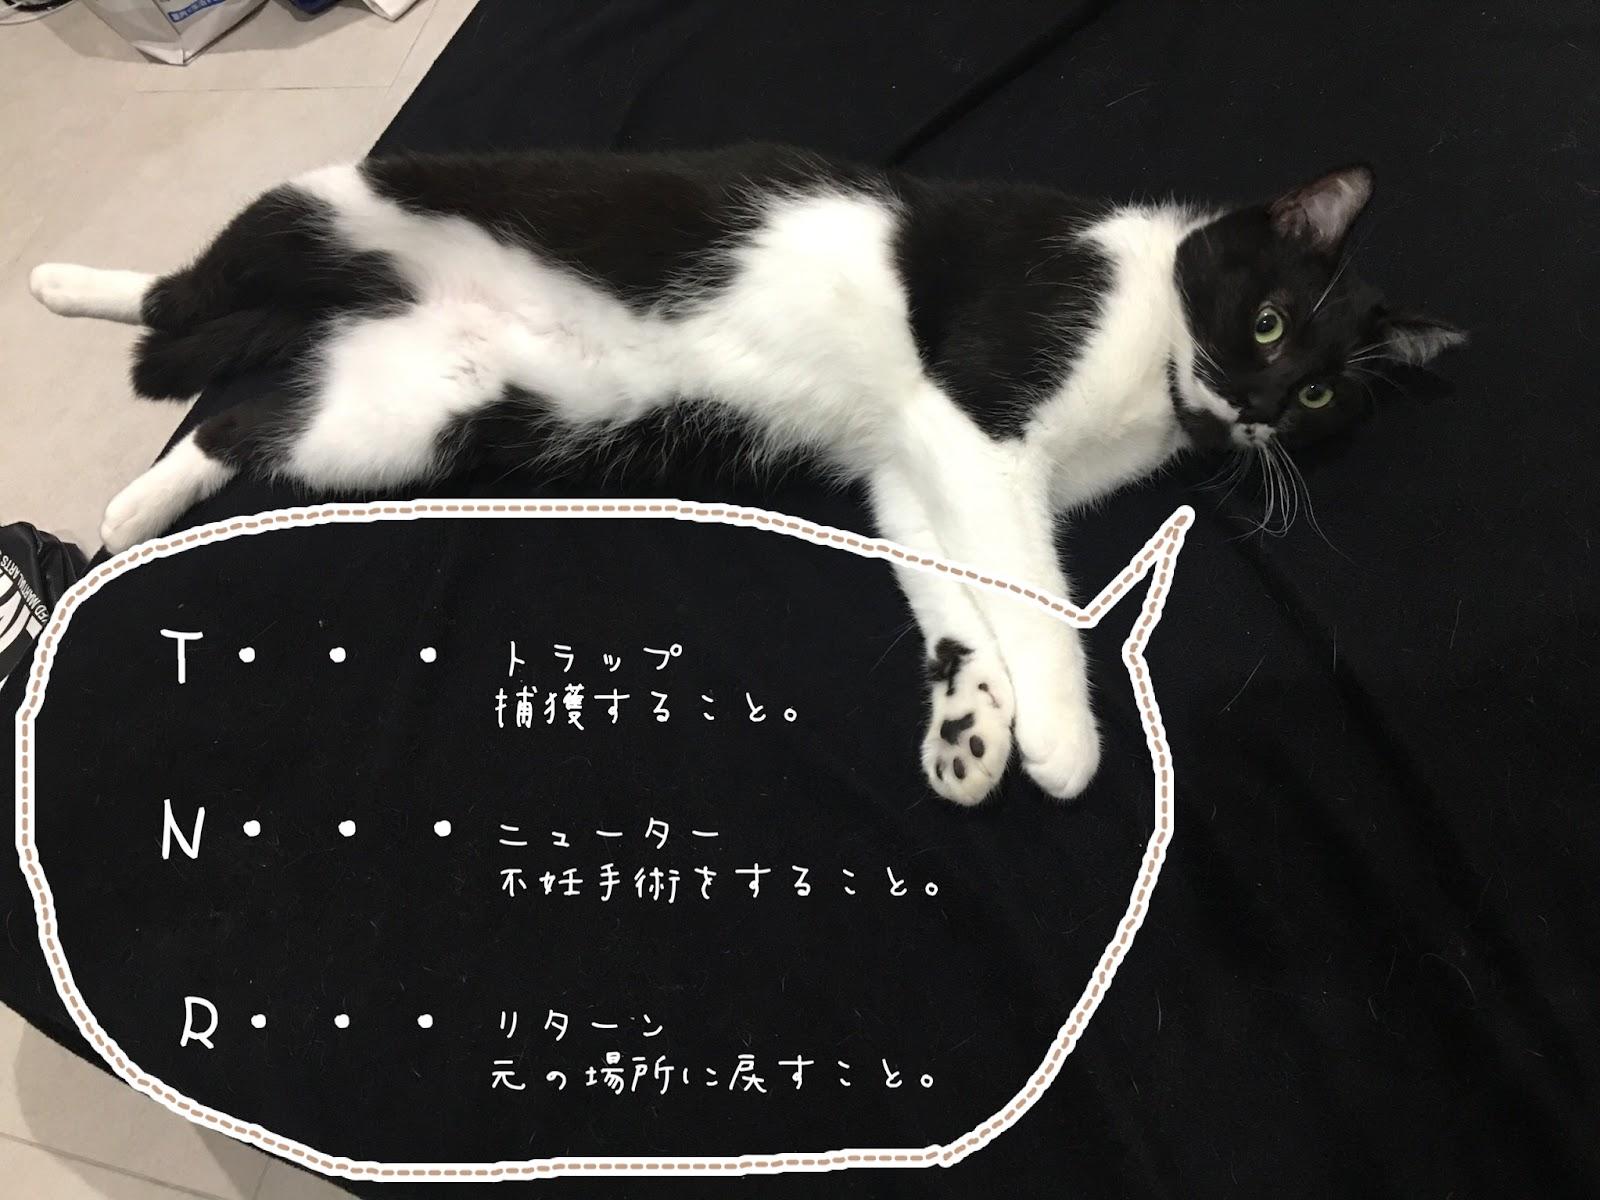 さくらねことは?耳がさくらの形の猫